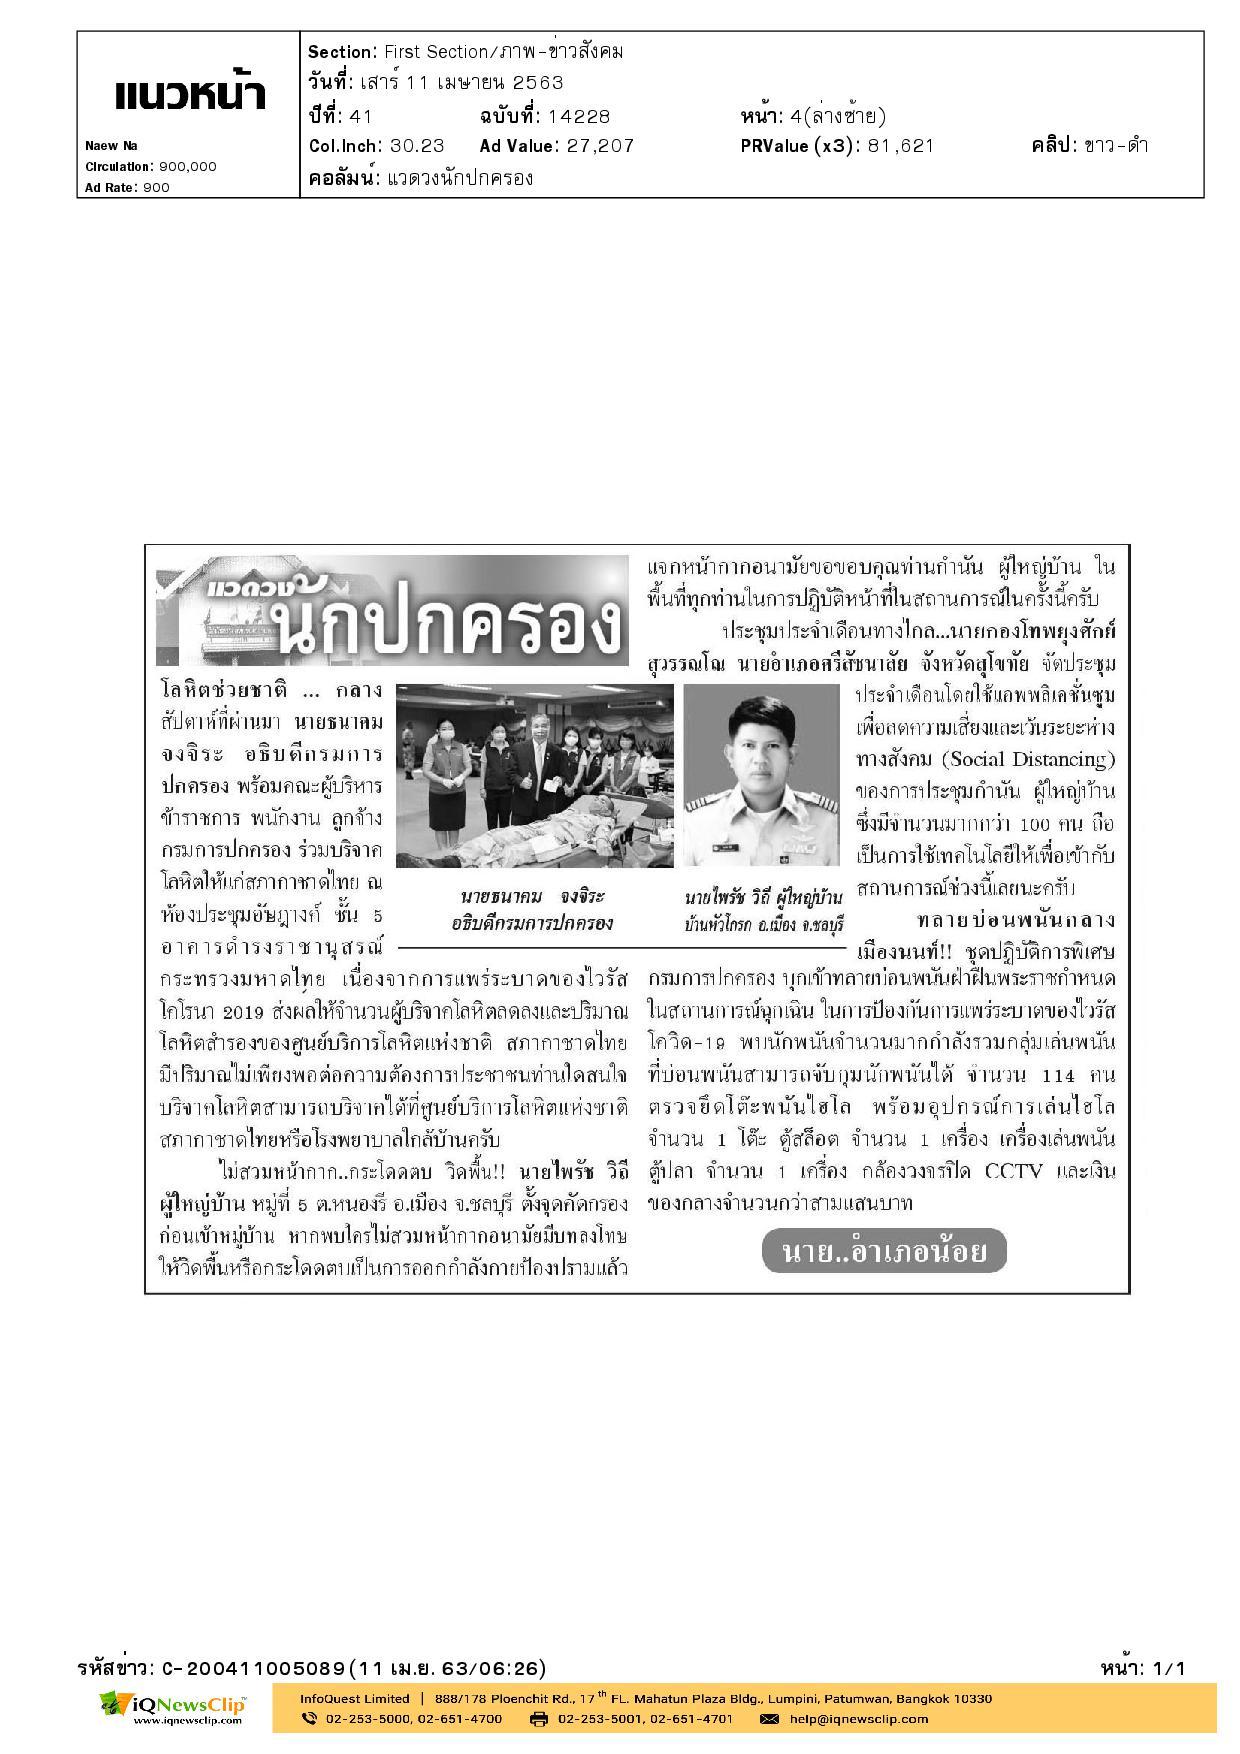 วมบริจาคโลหิตให้แก่สภากาชาดไทย เนื่องจากการแพร่ระบาดของไวรัสโคโรนา 2019